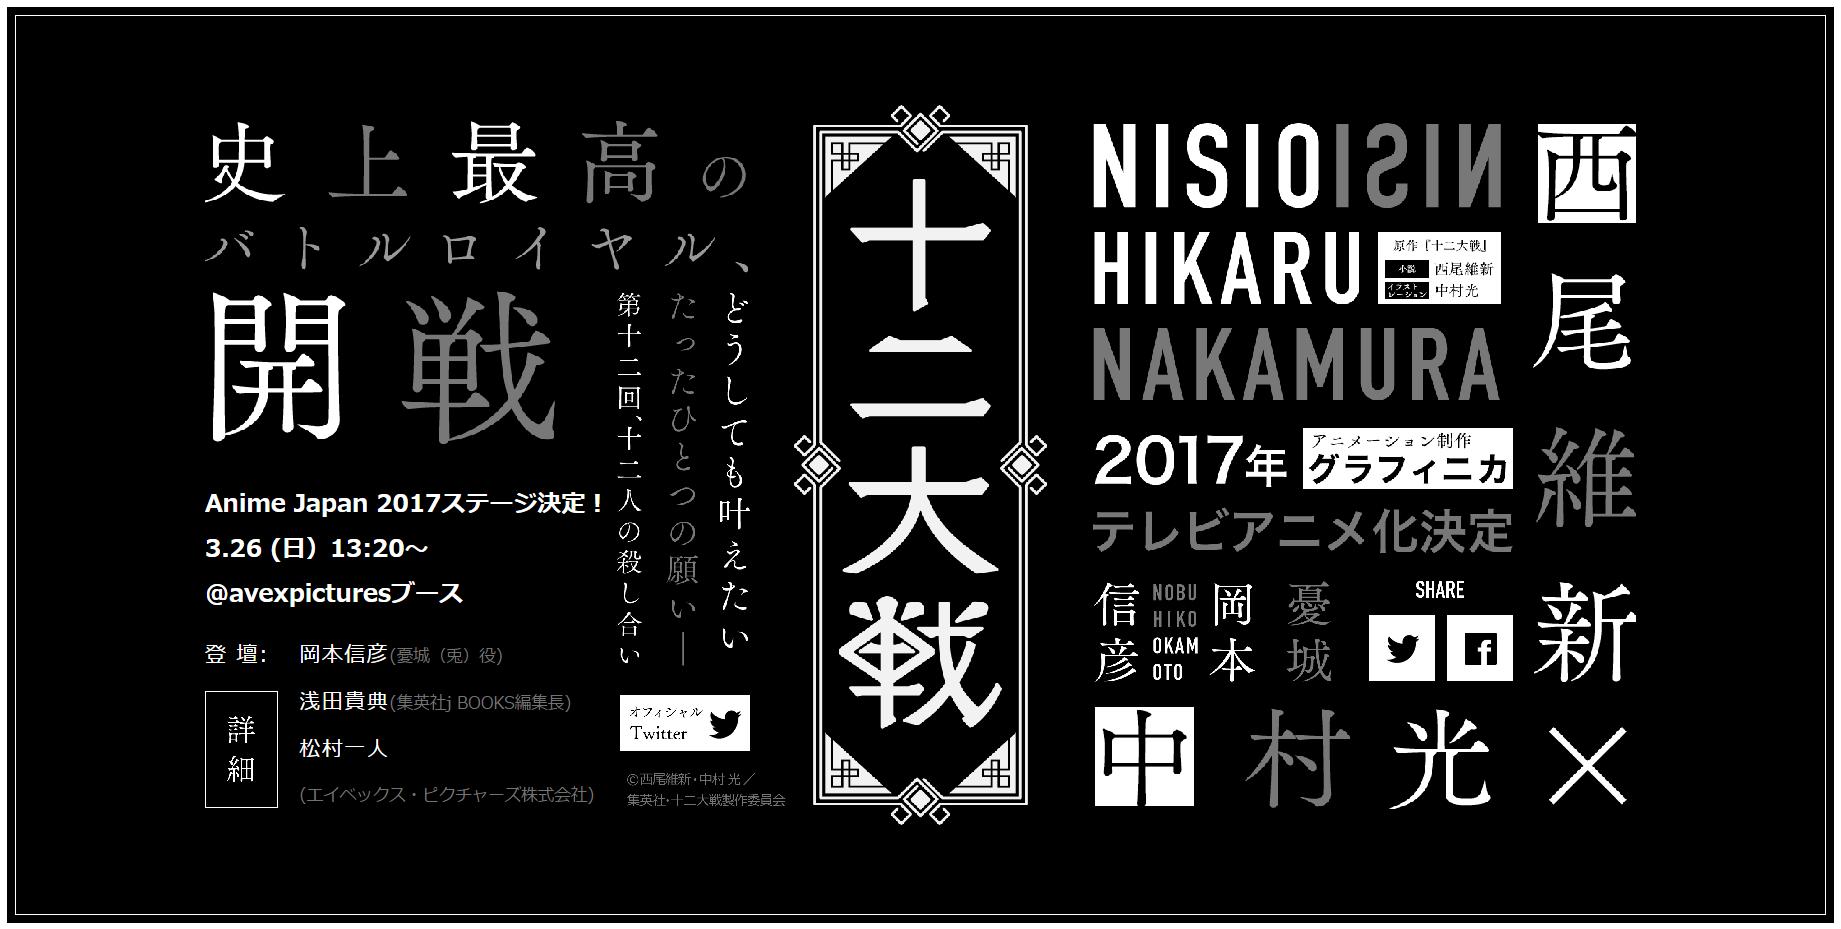 니시오 이신 × 나카무라 히카루 《십이대전》 애니화